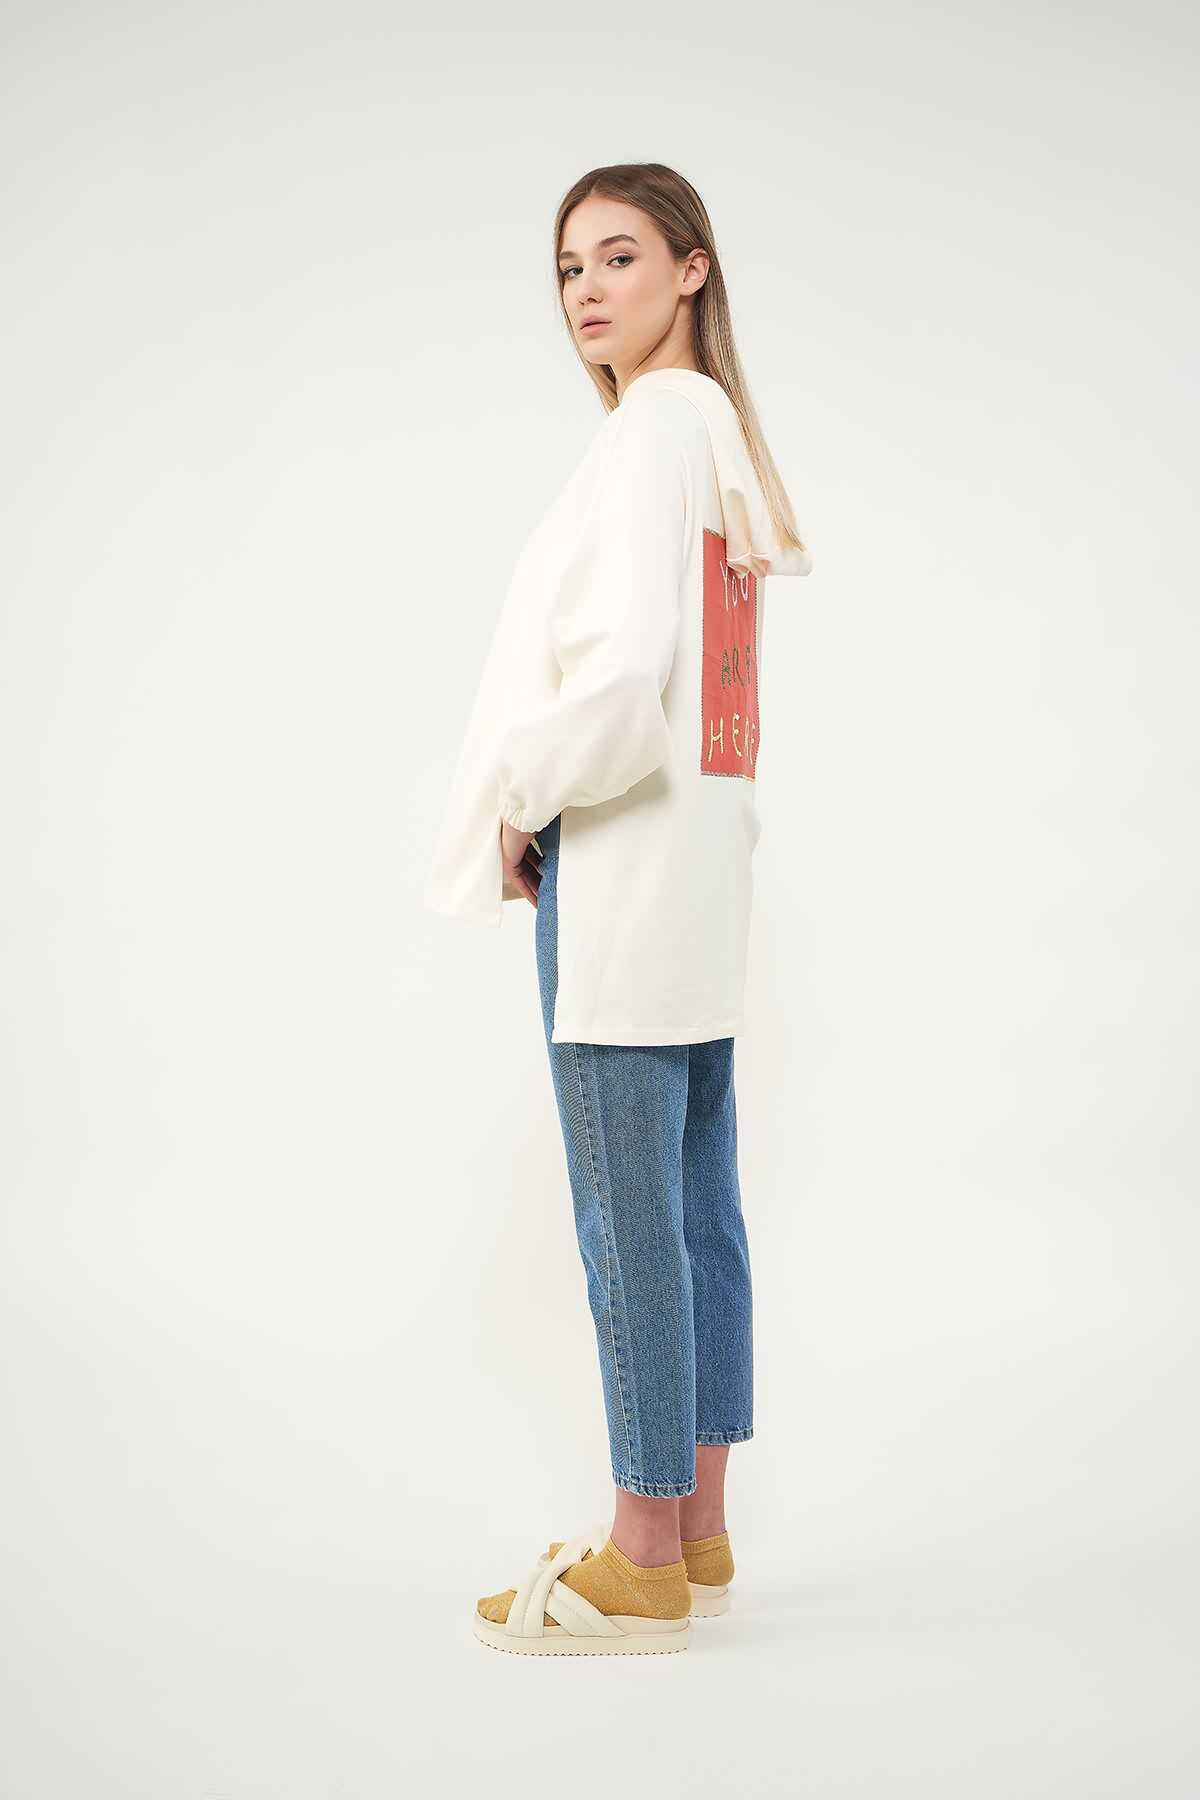 Mevra - Kapüşonlu Arkası Nakışlı Sweatshirt Kiremit